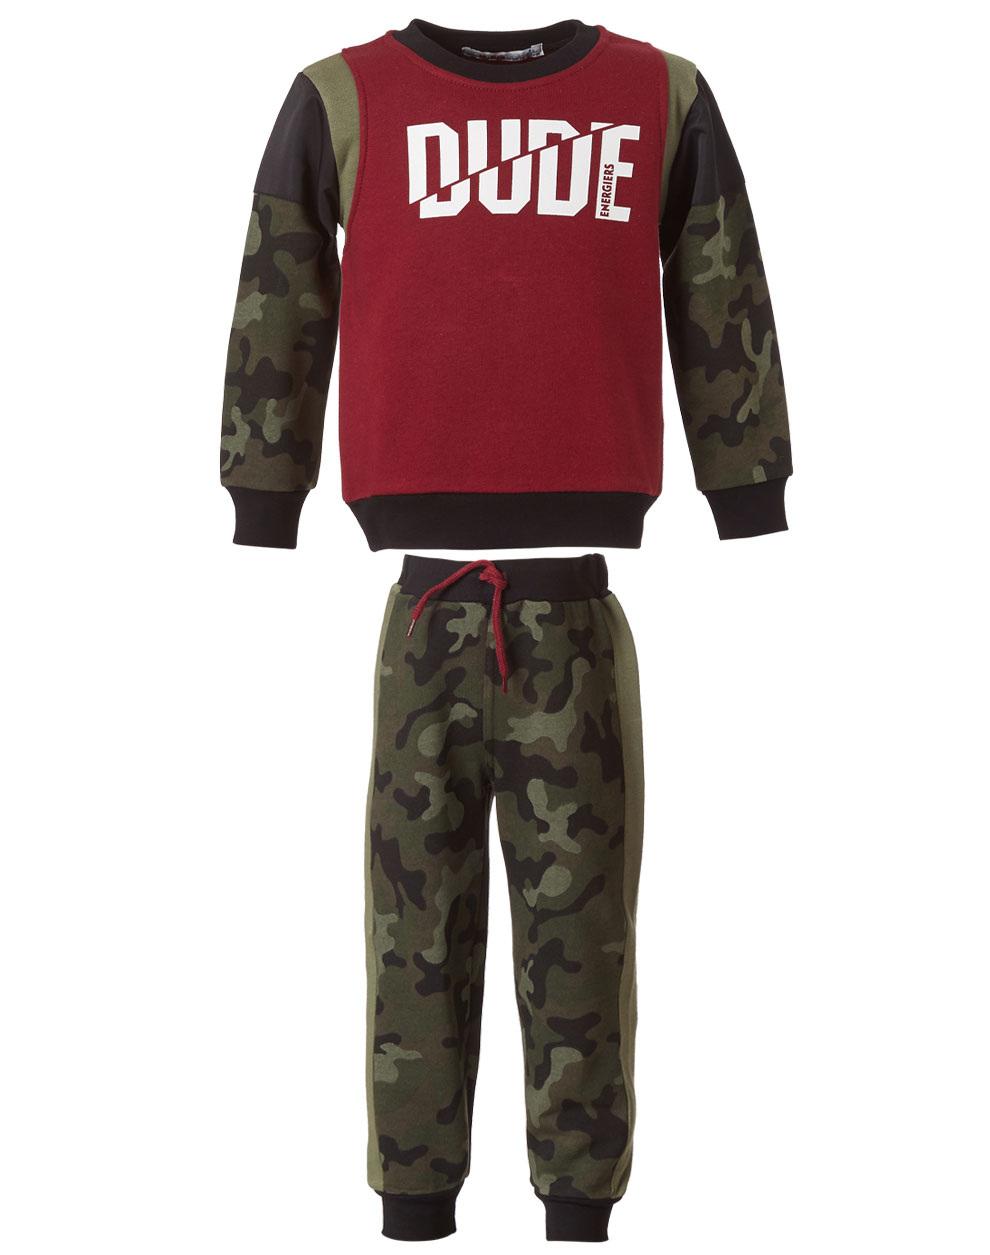 Φόρμα φούτερ με τύπωμα και παντελόνι παραλλαγής (army) 12-119140-0 - Χακί - 15600-7/12/143/109